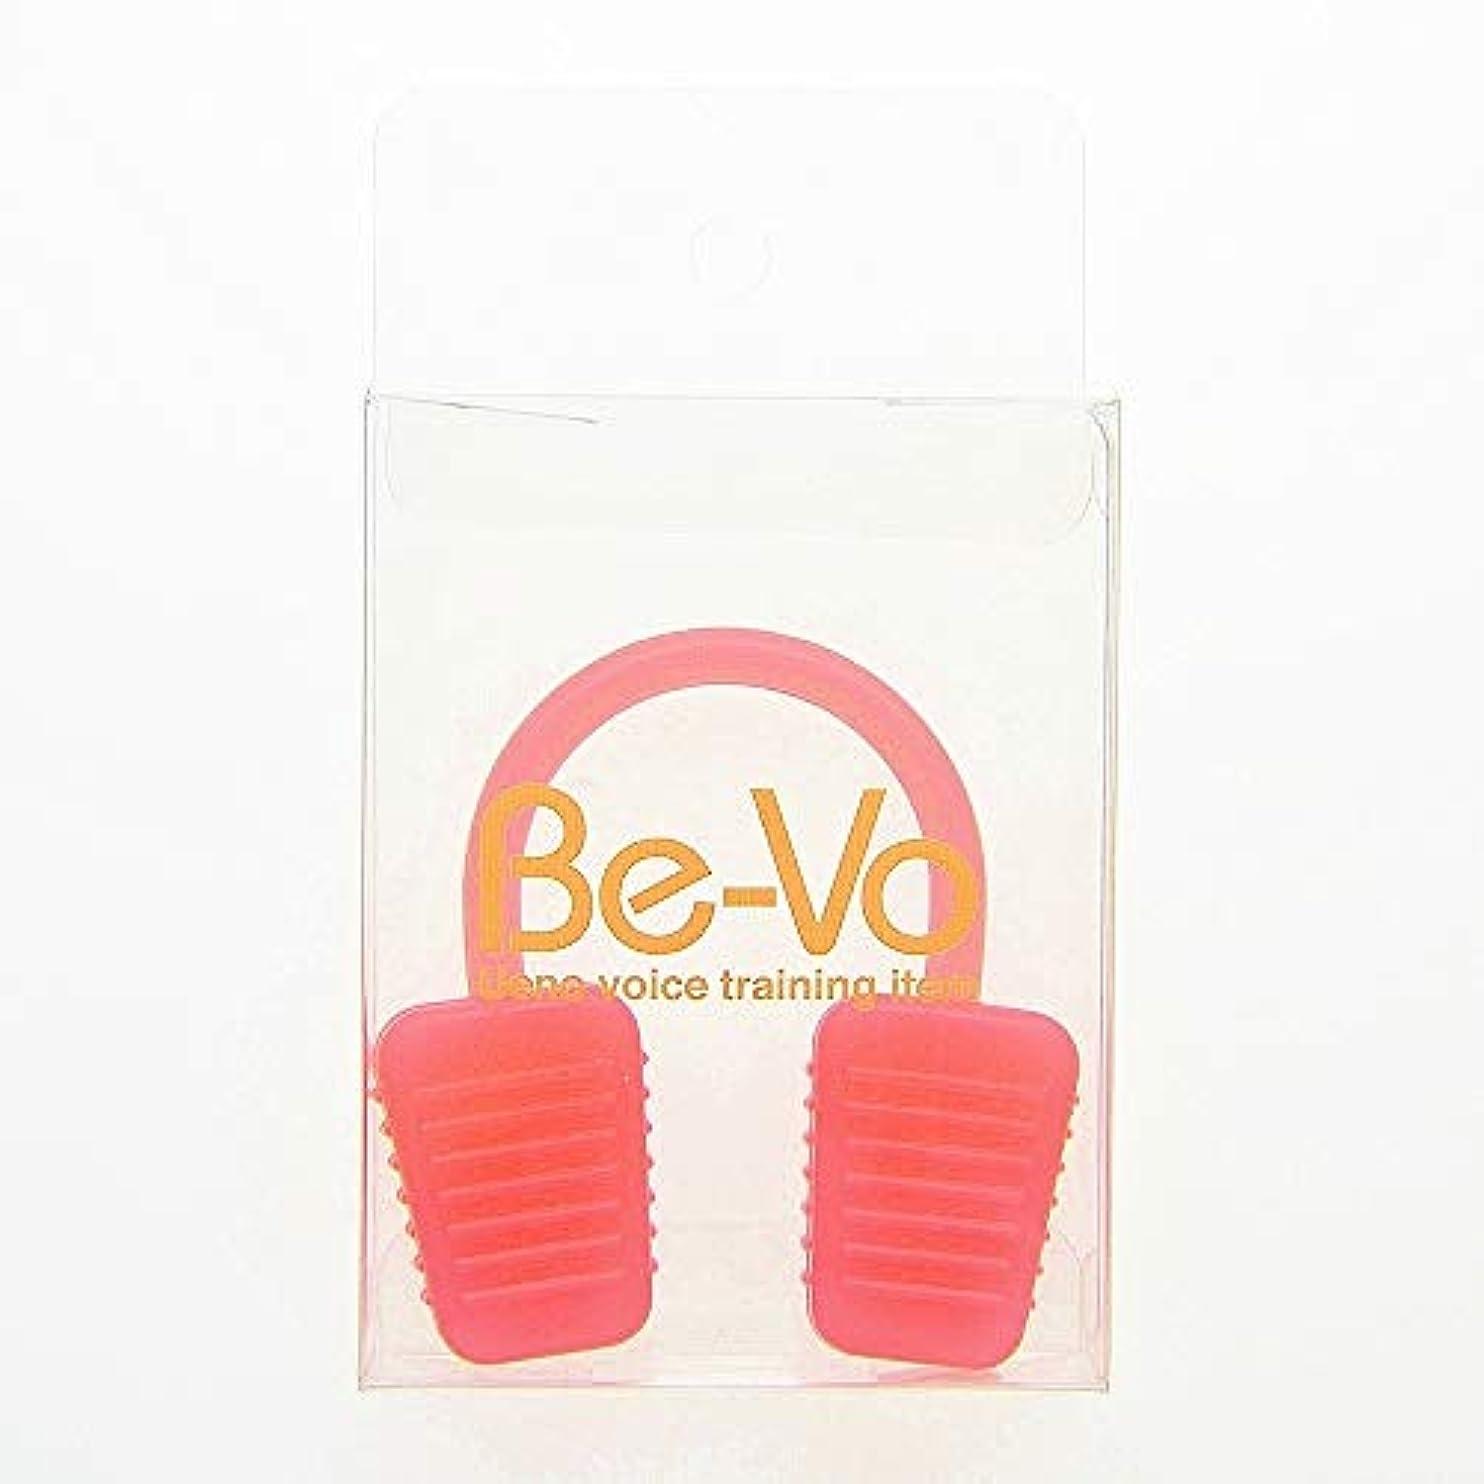 縮約商標昆虫Be-Vo (ビーボ) ボイストレーニング器具 自宅で簡単ボイトレグッズ (ピンク)